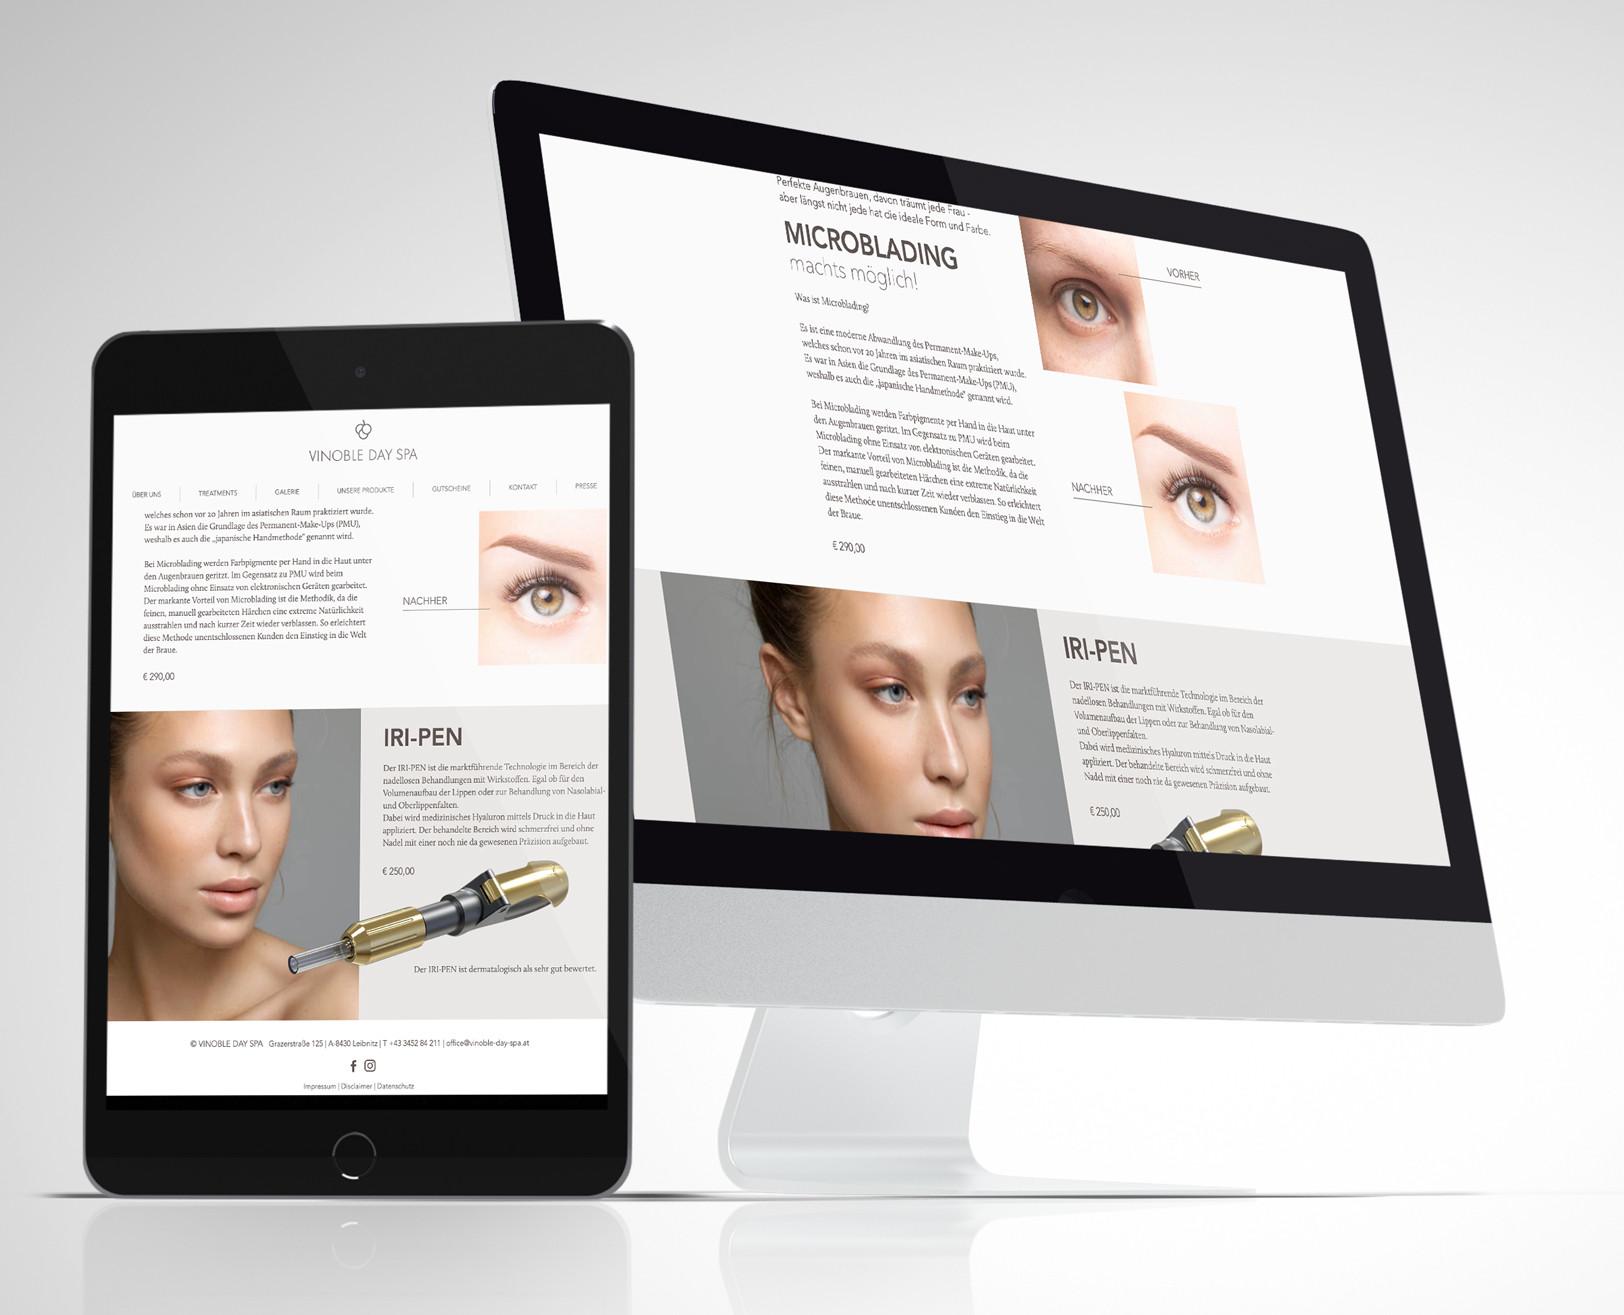 Vinoble_Day_Spa_Homepage2.jpg